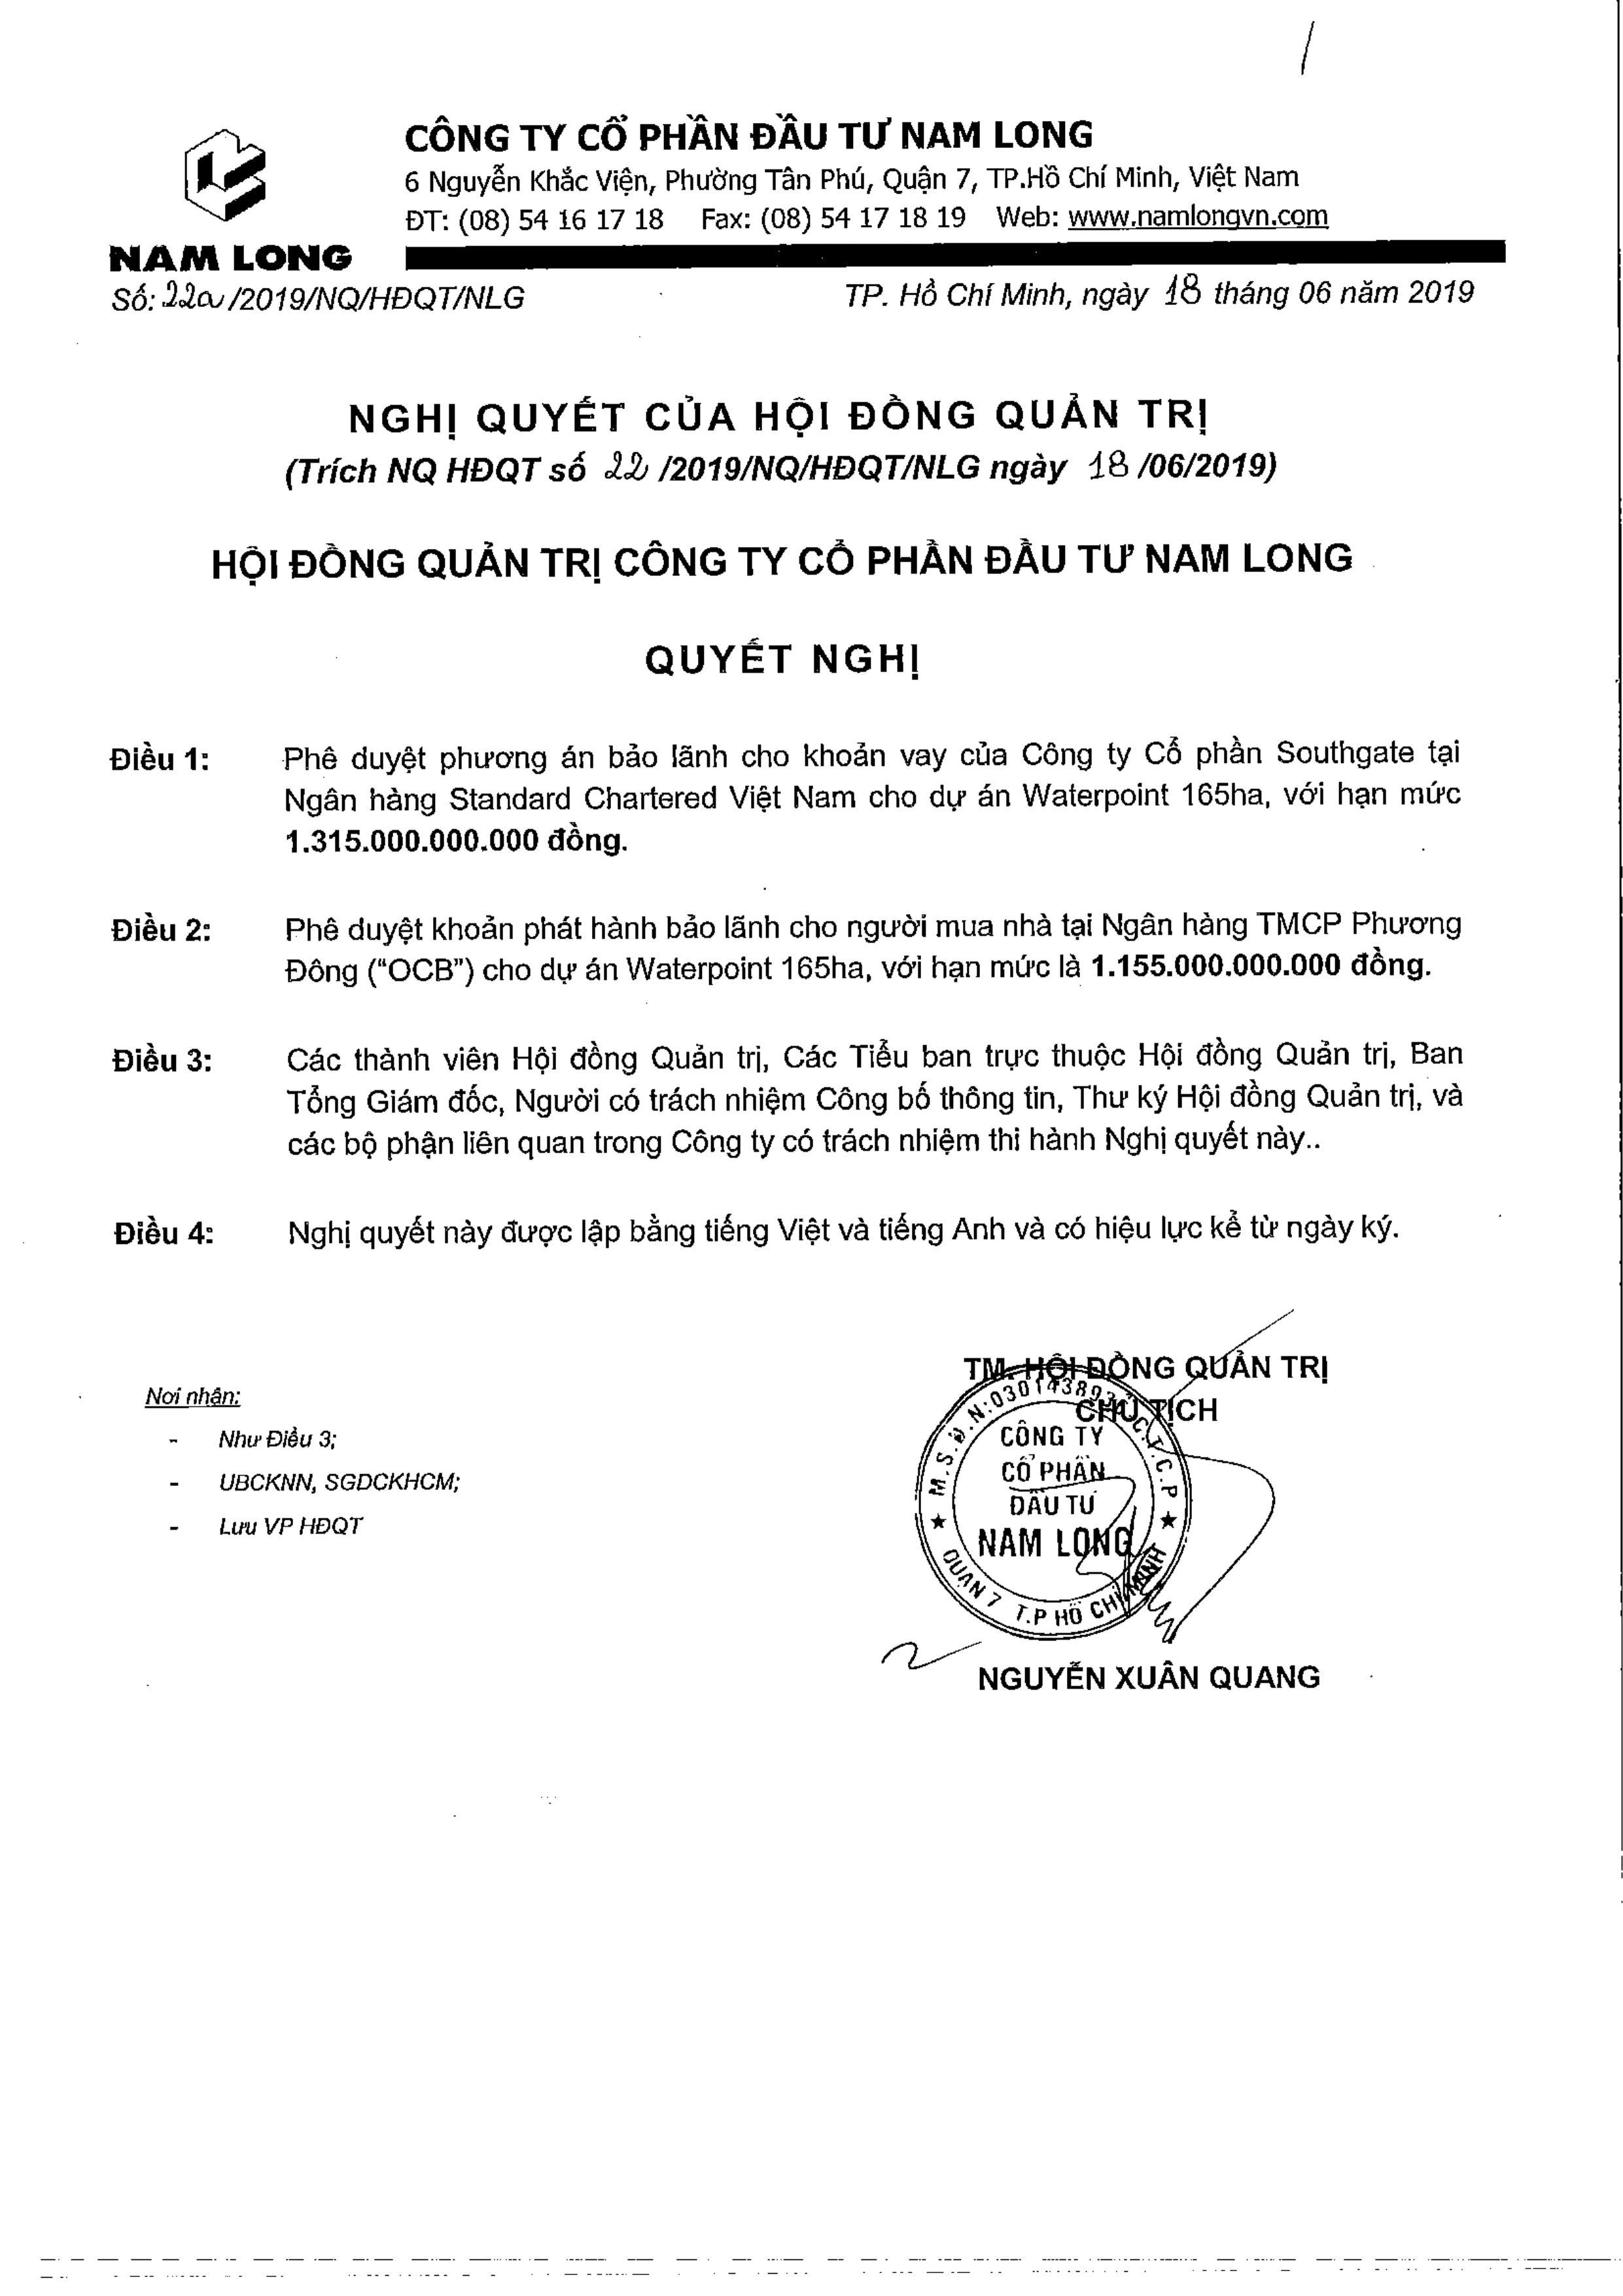 Đồng thời, Nam Long cũng phê duyệt khoản phát hành bảo lãnh cho người mua nhà tại Ngân hàng TMCP Phương Đông OCB cho dự án nói trên với hạn mức 1.155 tỉ đồng.